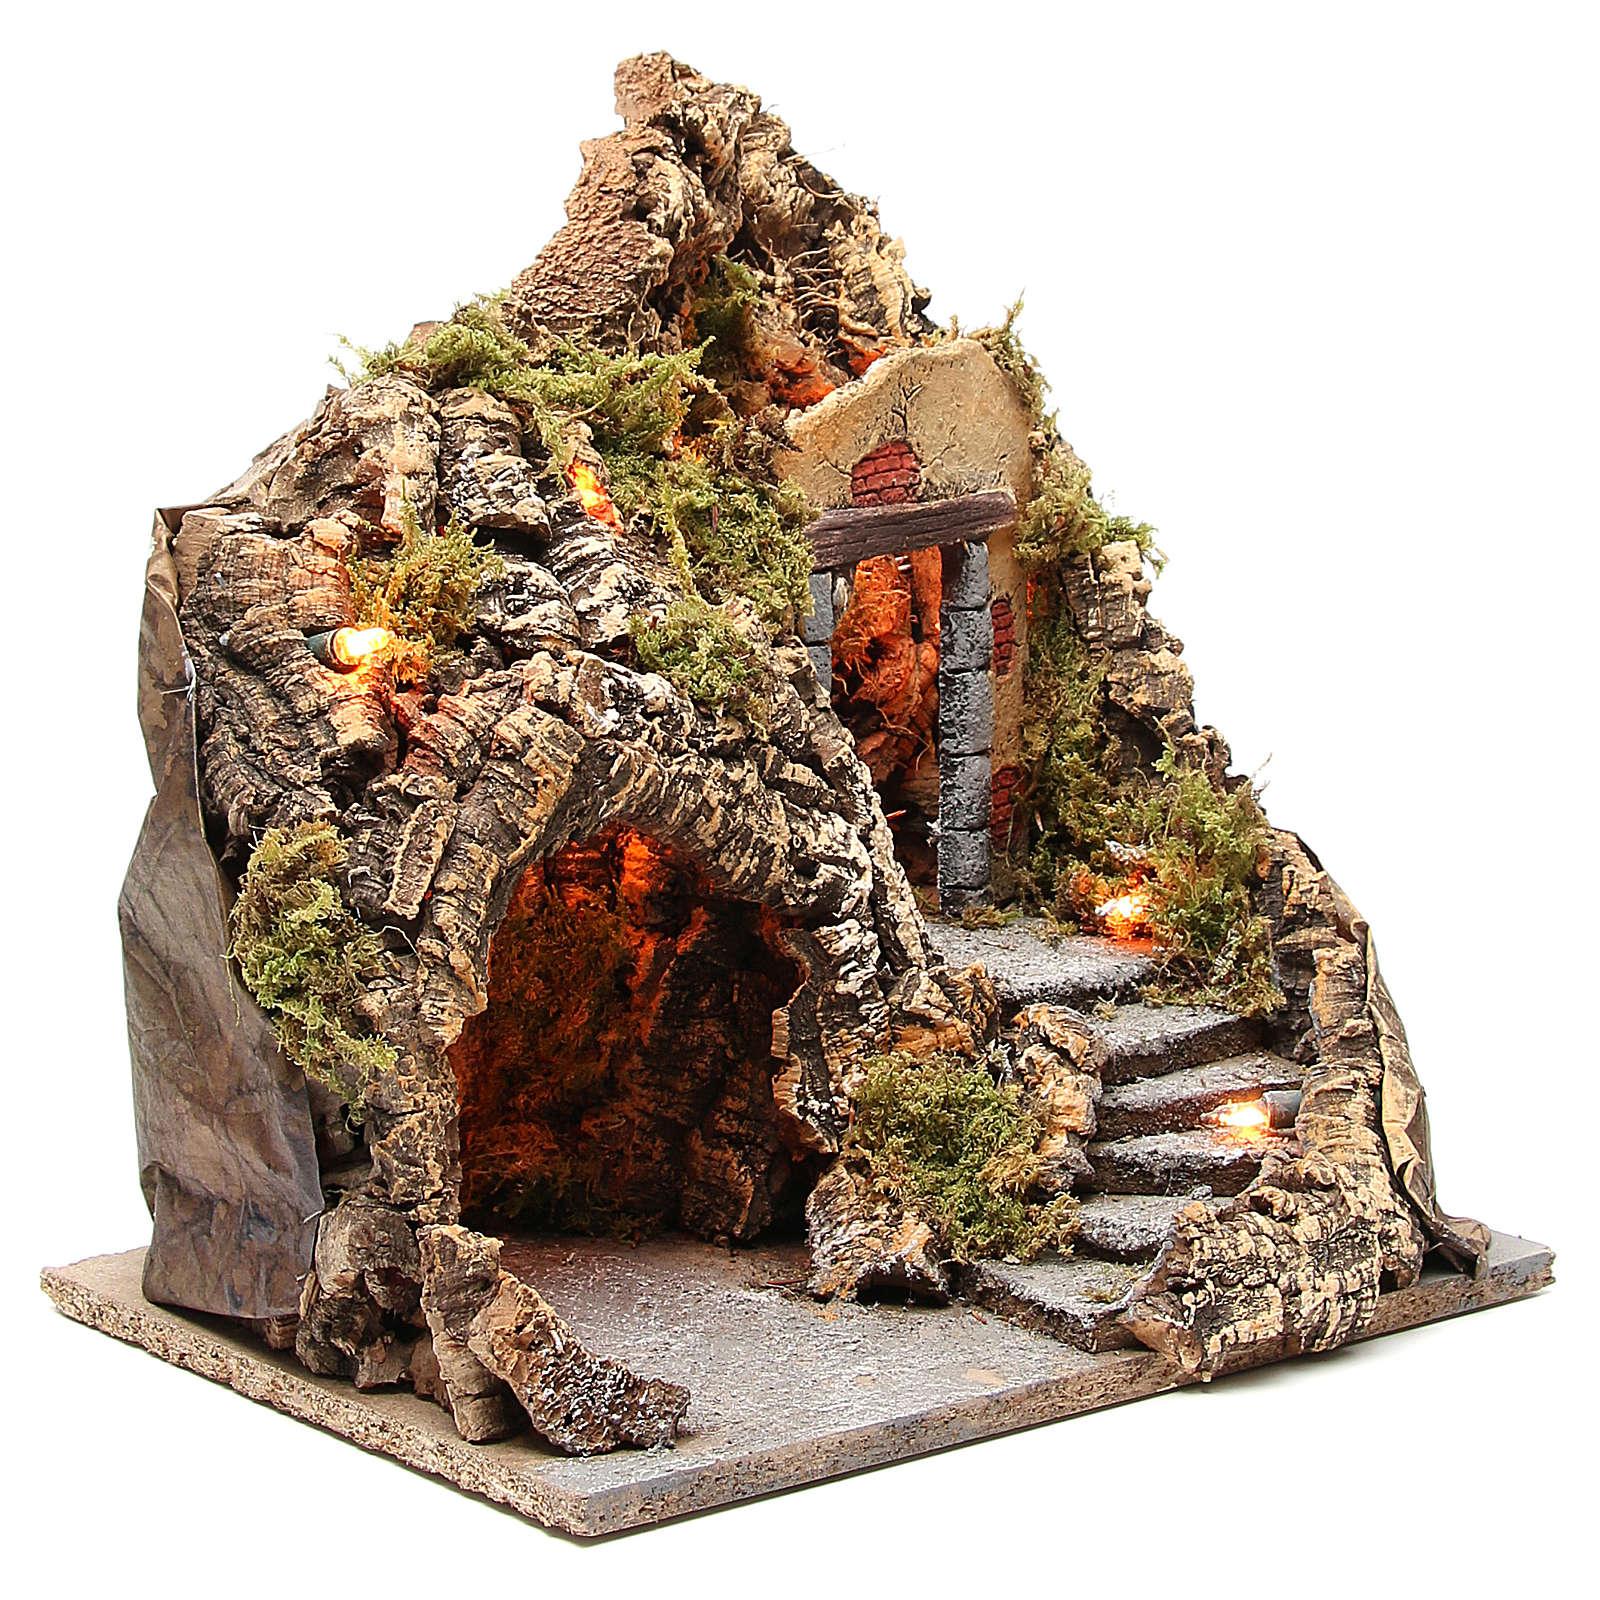 Cueva presebre madera corcho iluminado 38x30x30 cm. 4